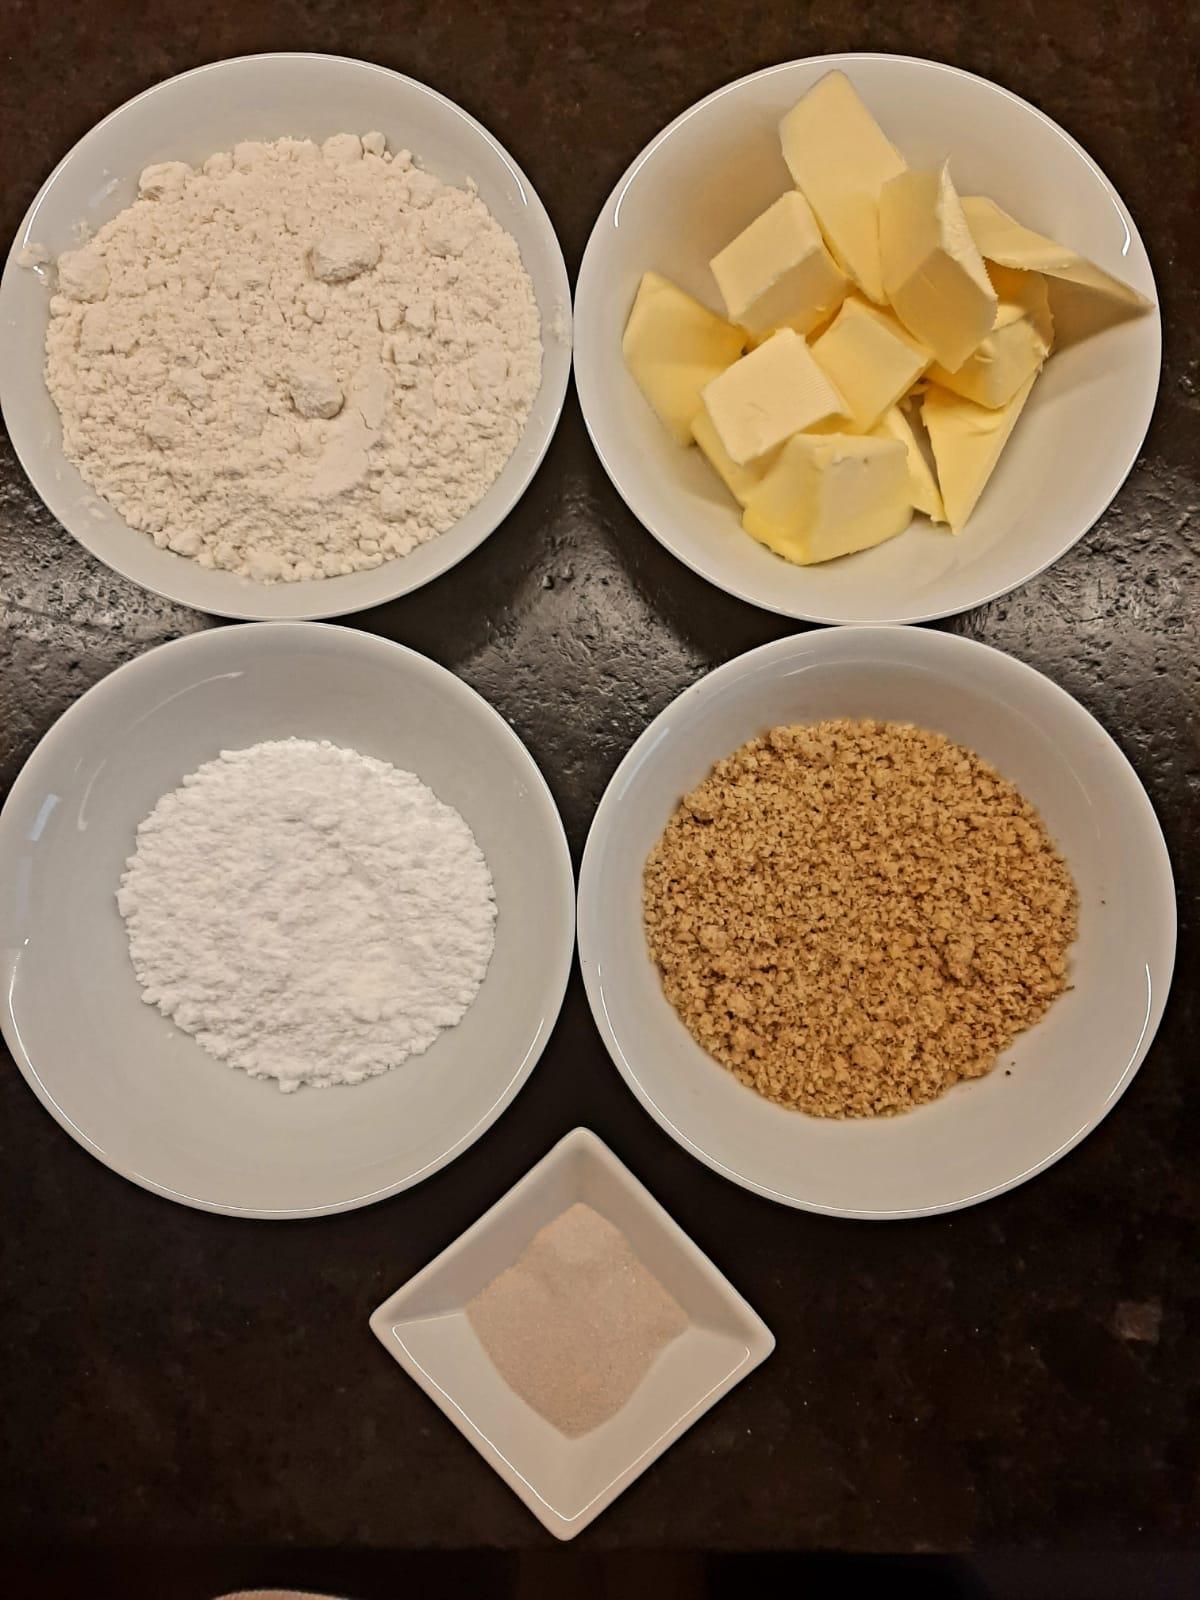 Großmutters Keksrezept, Vanillekipferl zum Anbeißen